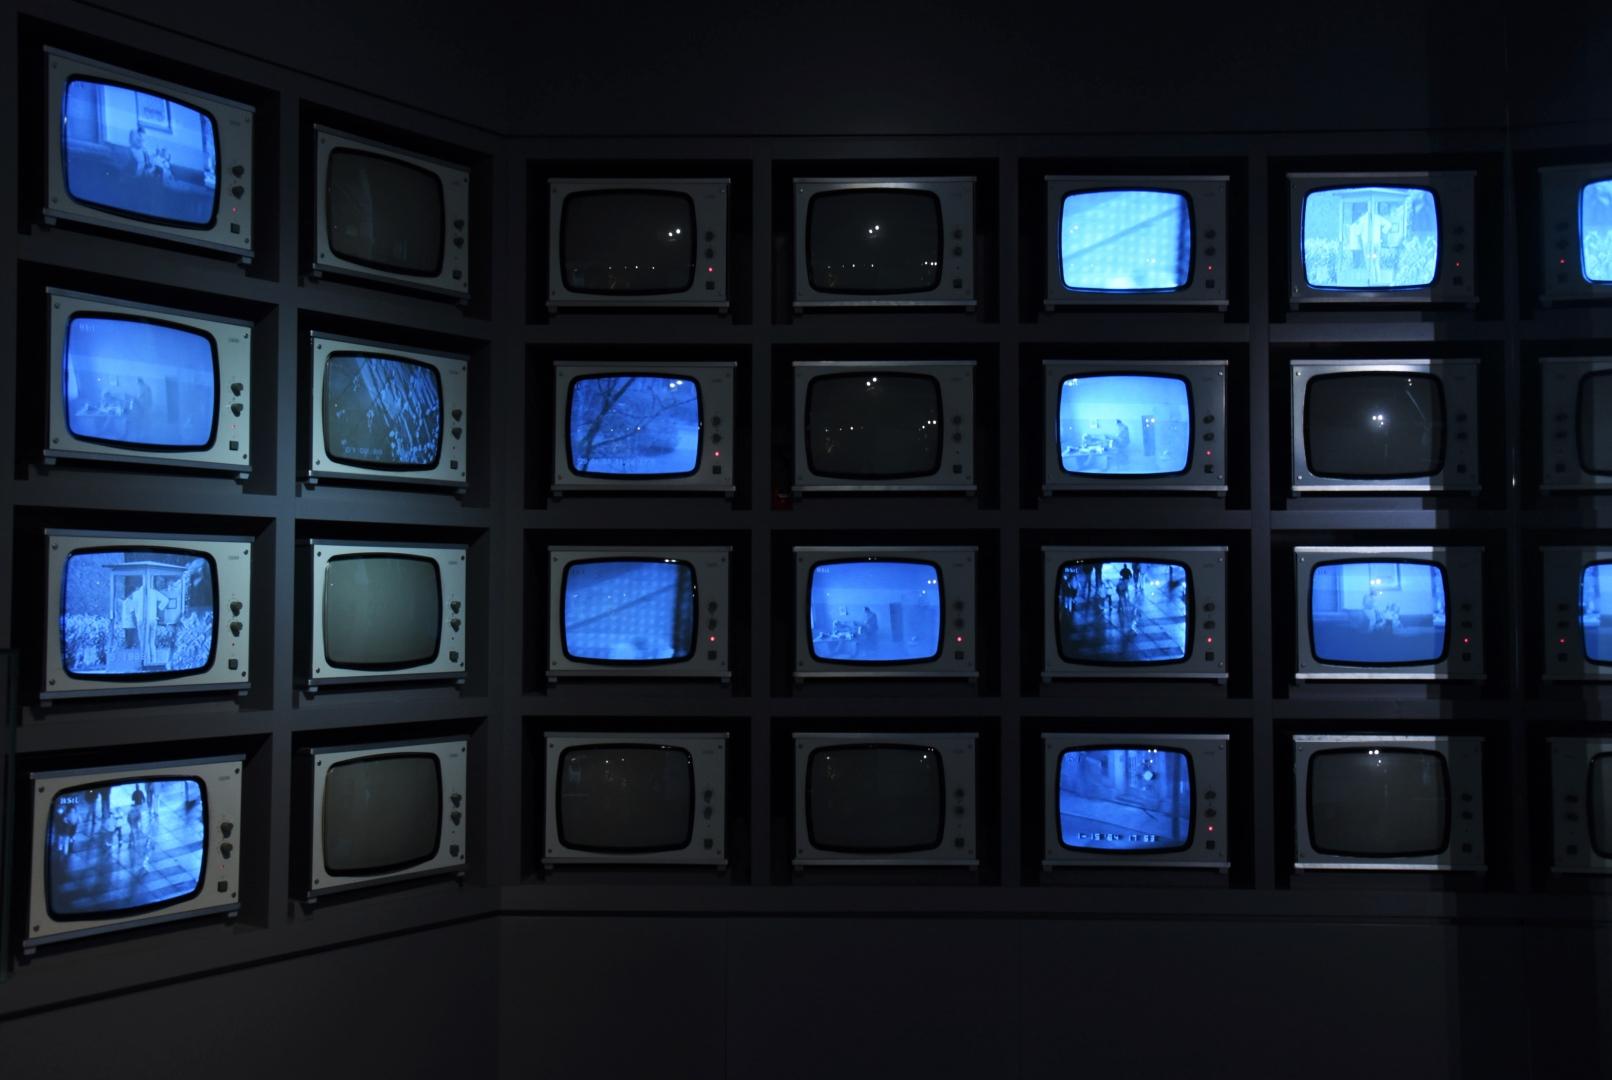 Камера наблюдения (Überwachungskamera). Один из экспонатов постоянной экспозиции выставки «Разделение и единство, диктатура и сопротивление» в Лейпциге (Leipzig)